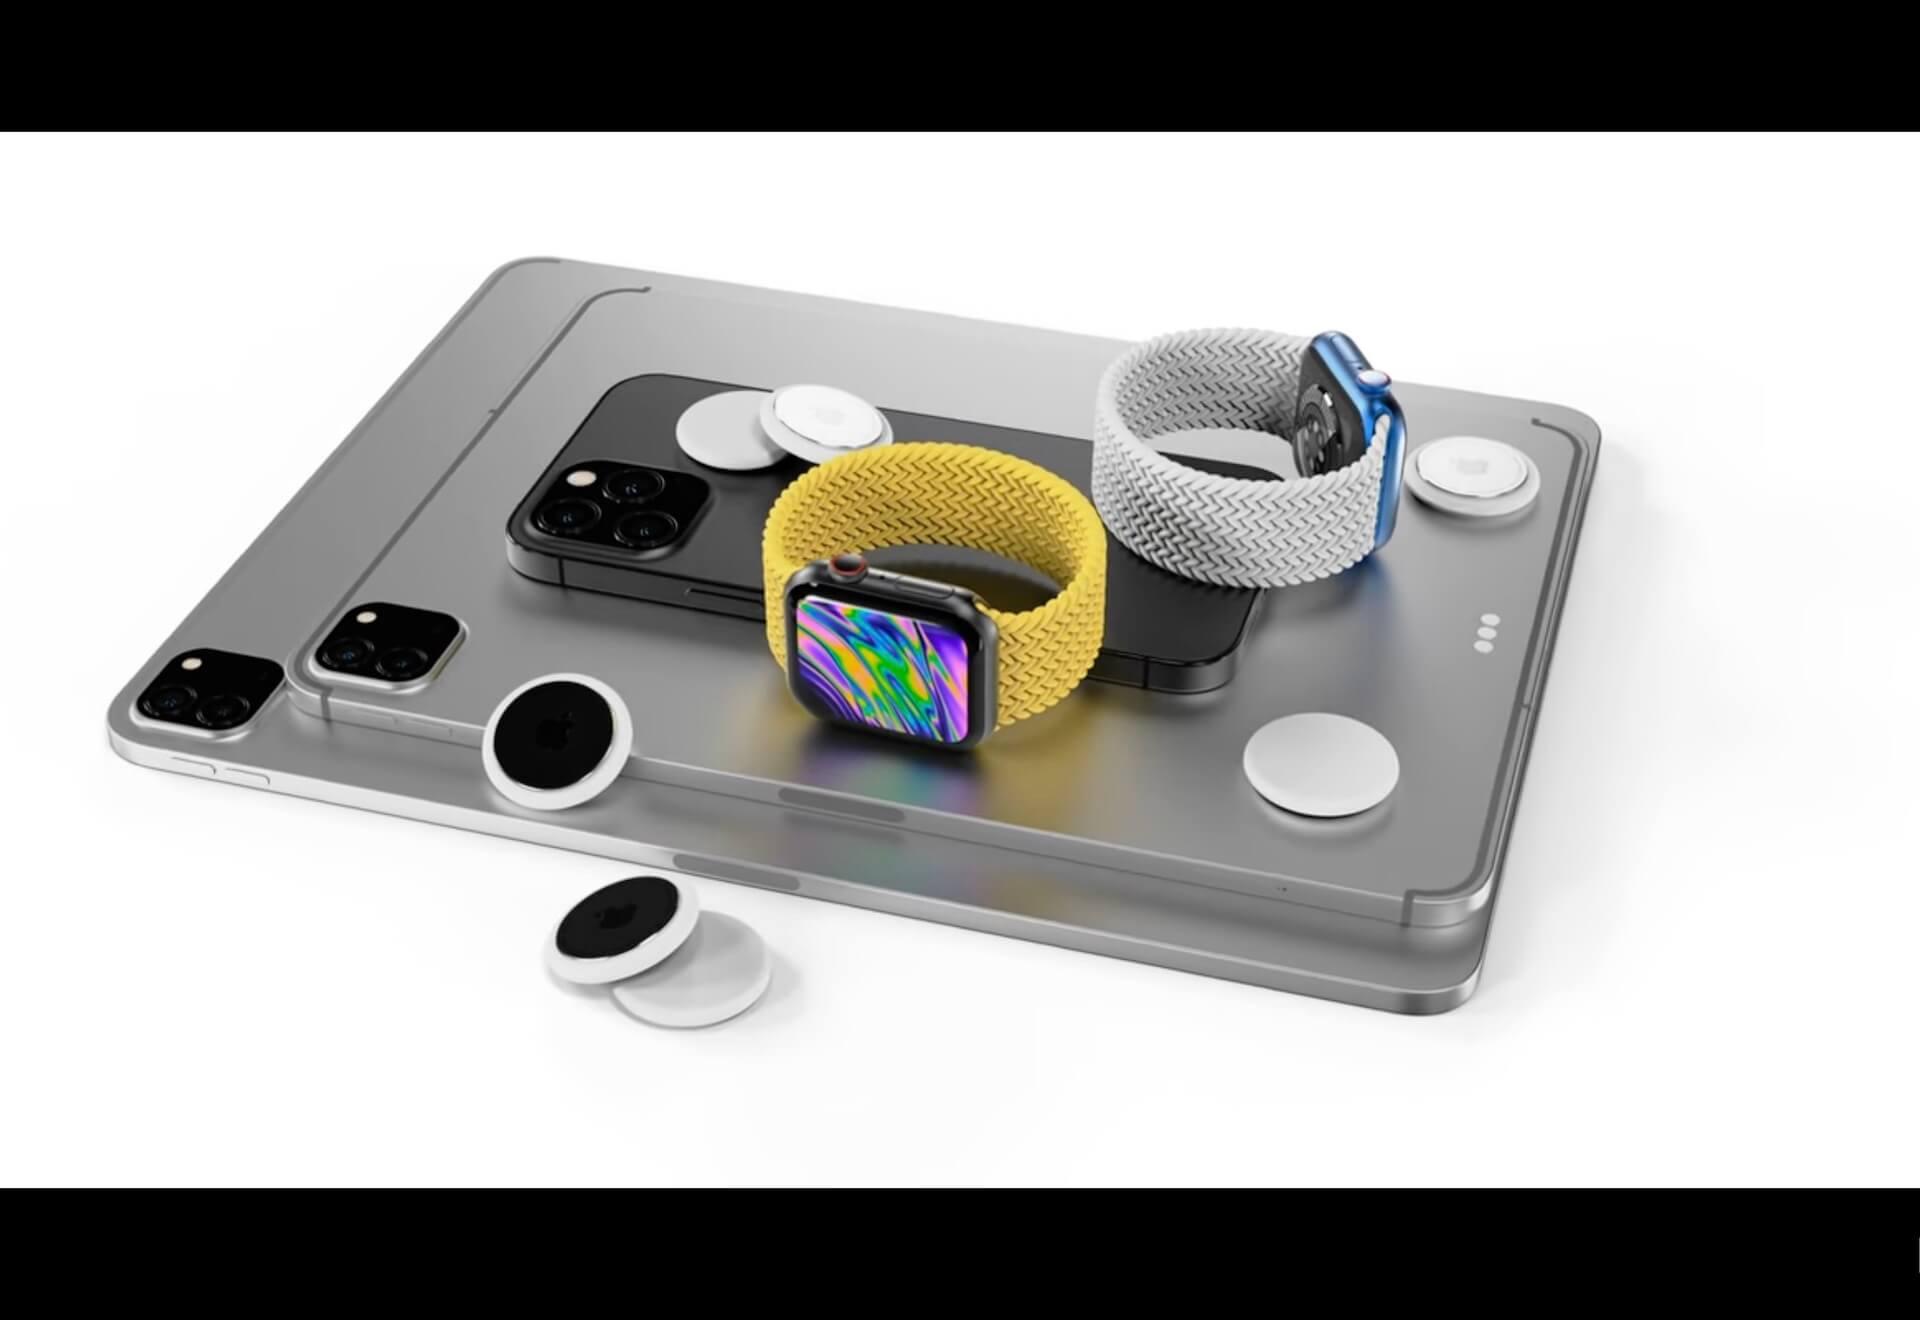 新型iPad Pro用のミニLEDが製造に遅れ?それでも4月後半には発表か tech210412_ipadpro_main